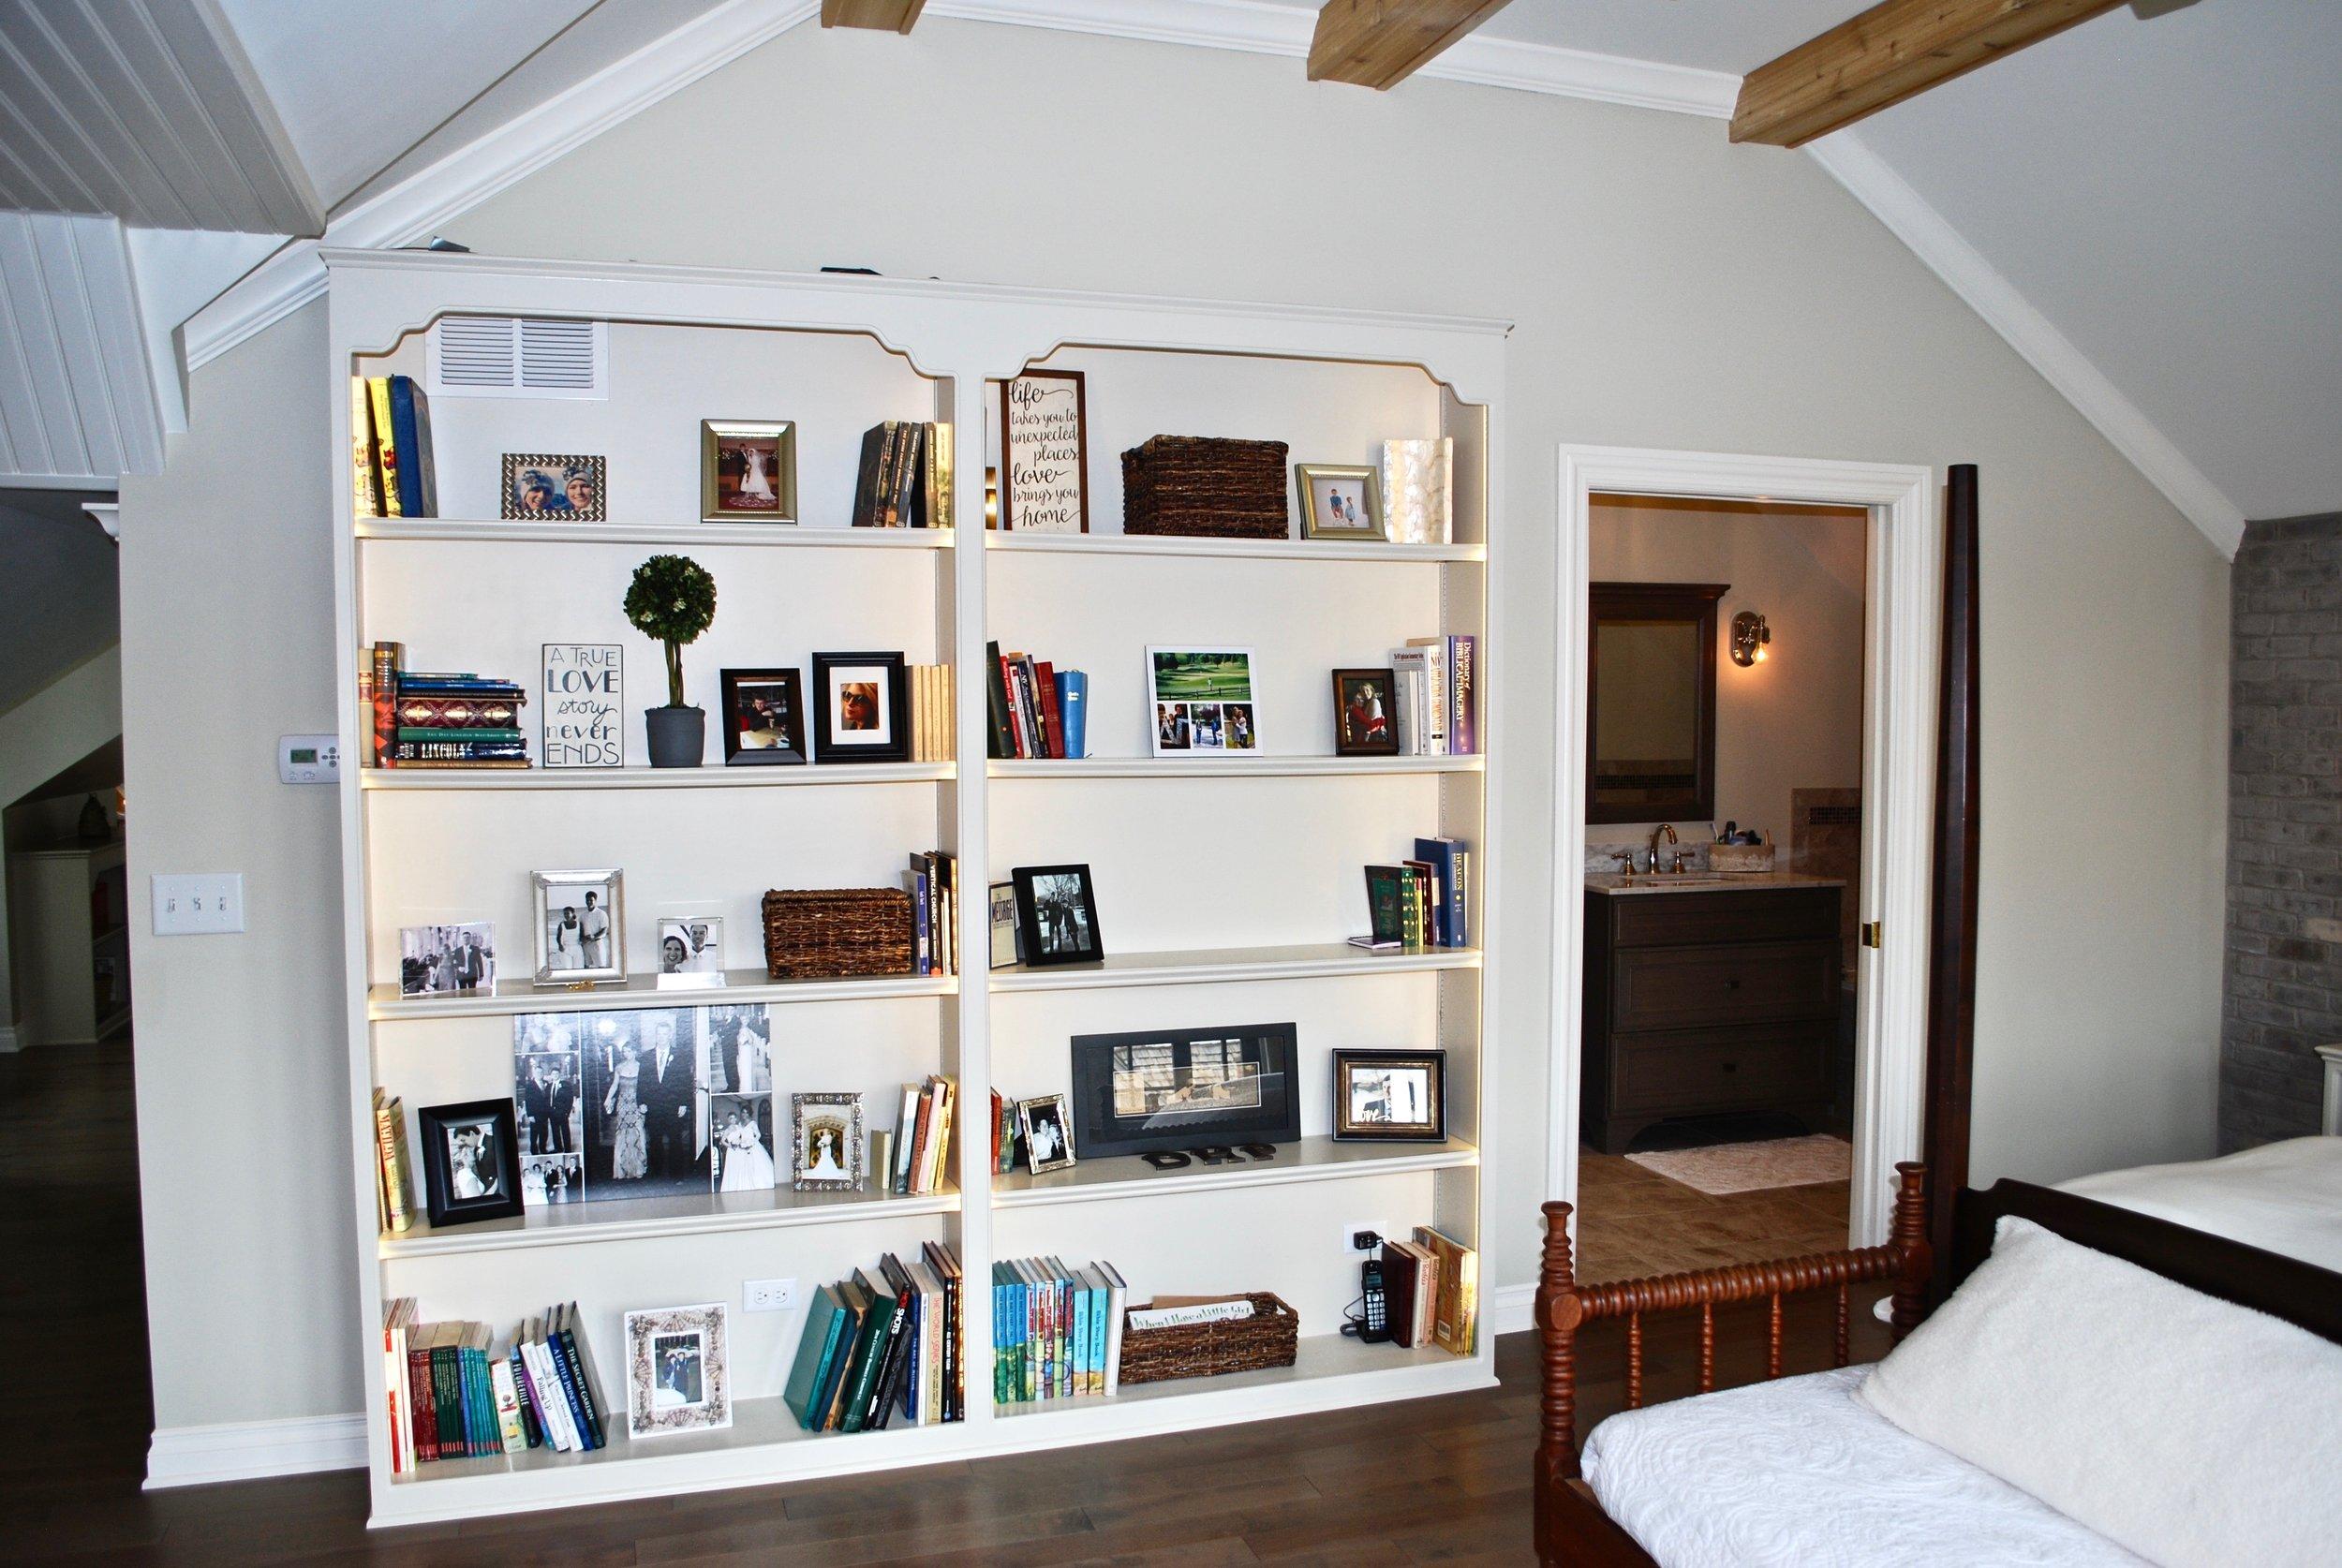 Built in Book Cases in Geneva IL Home Remodel St. Charles .jpg